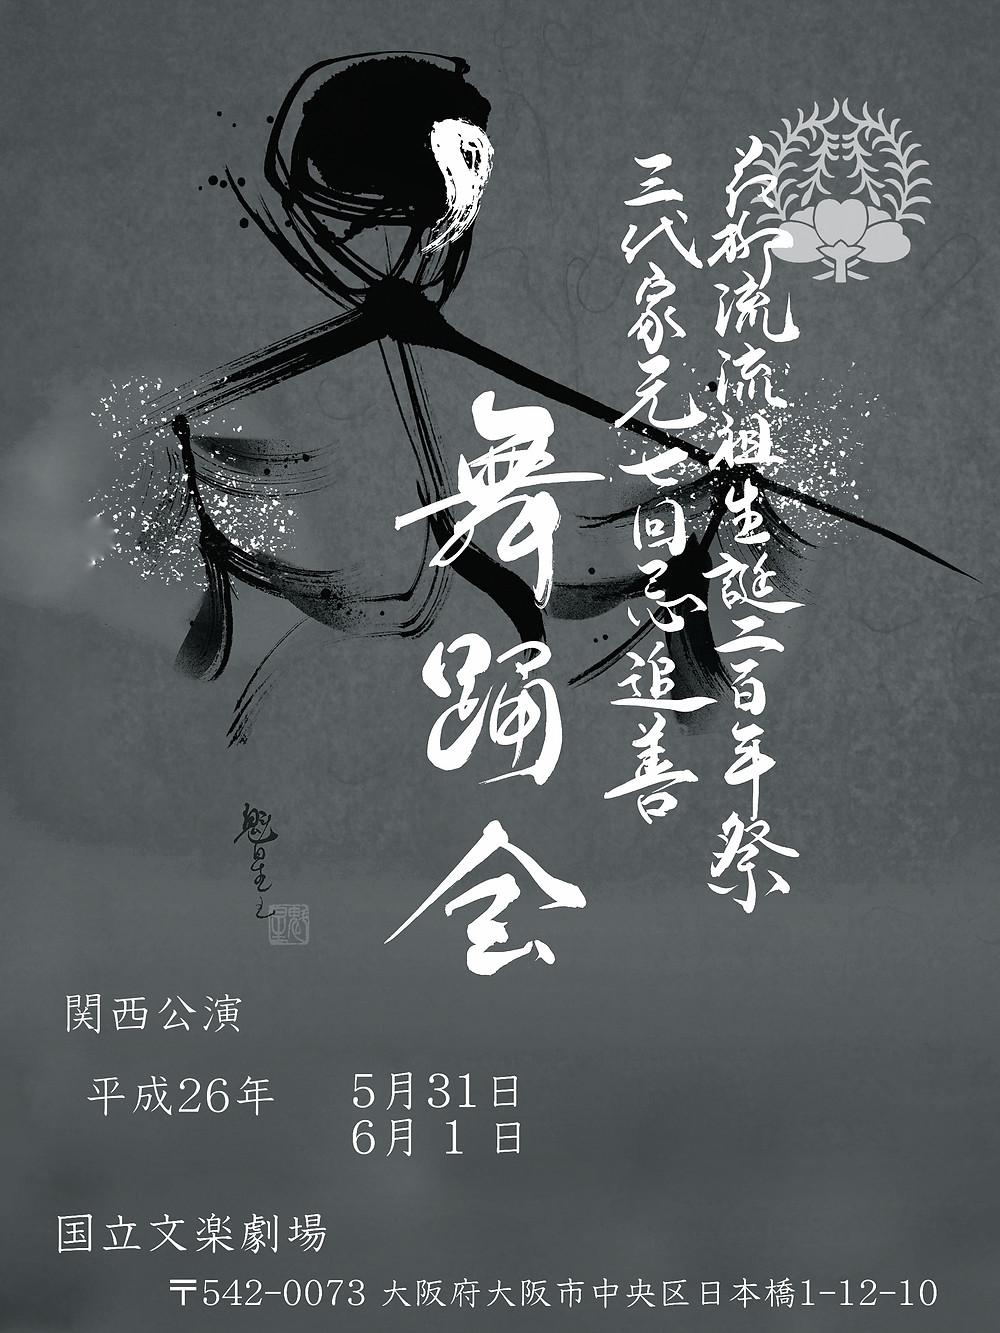 花柳流 大阪国立文楽劇場ポスター 2.jpg